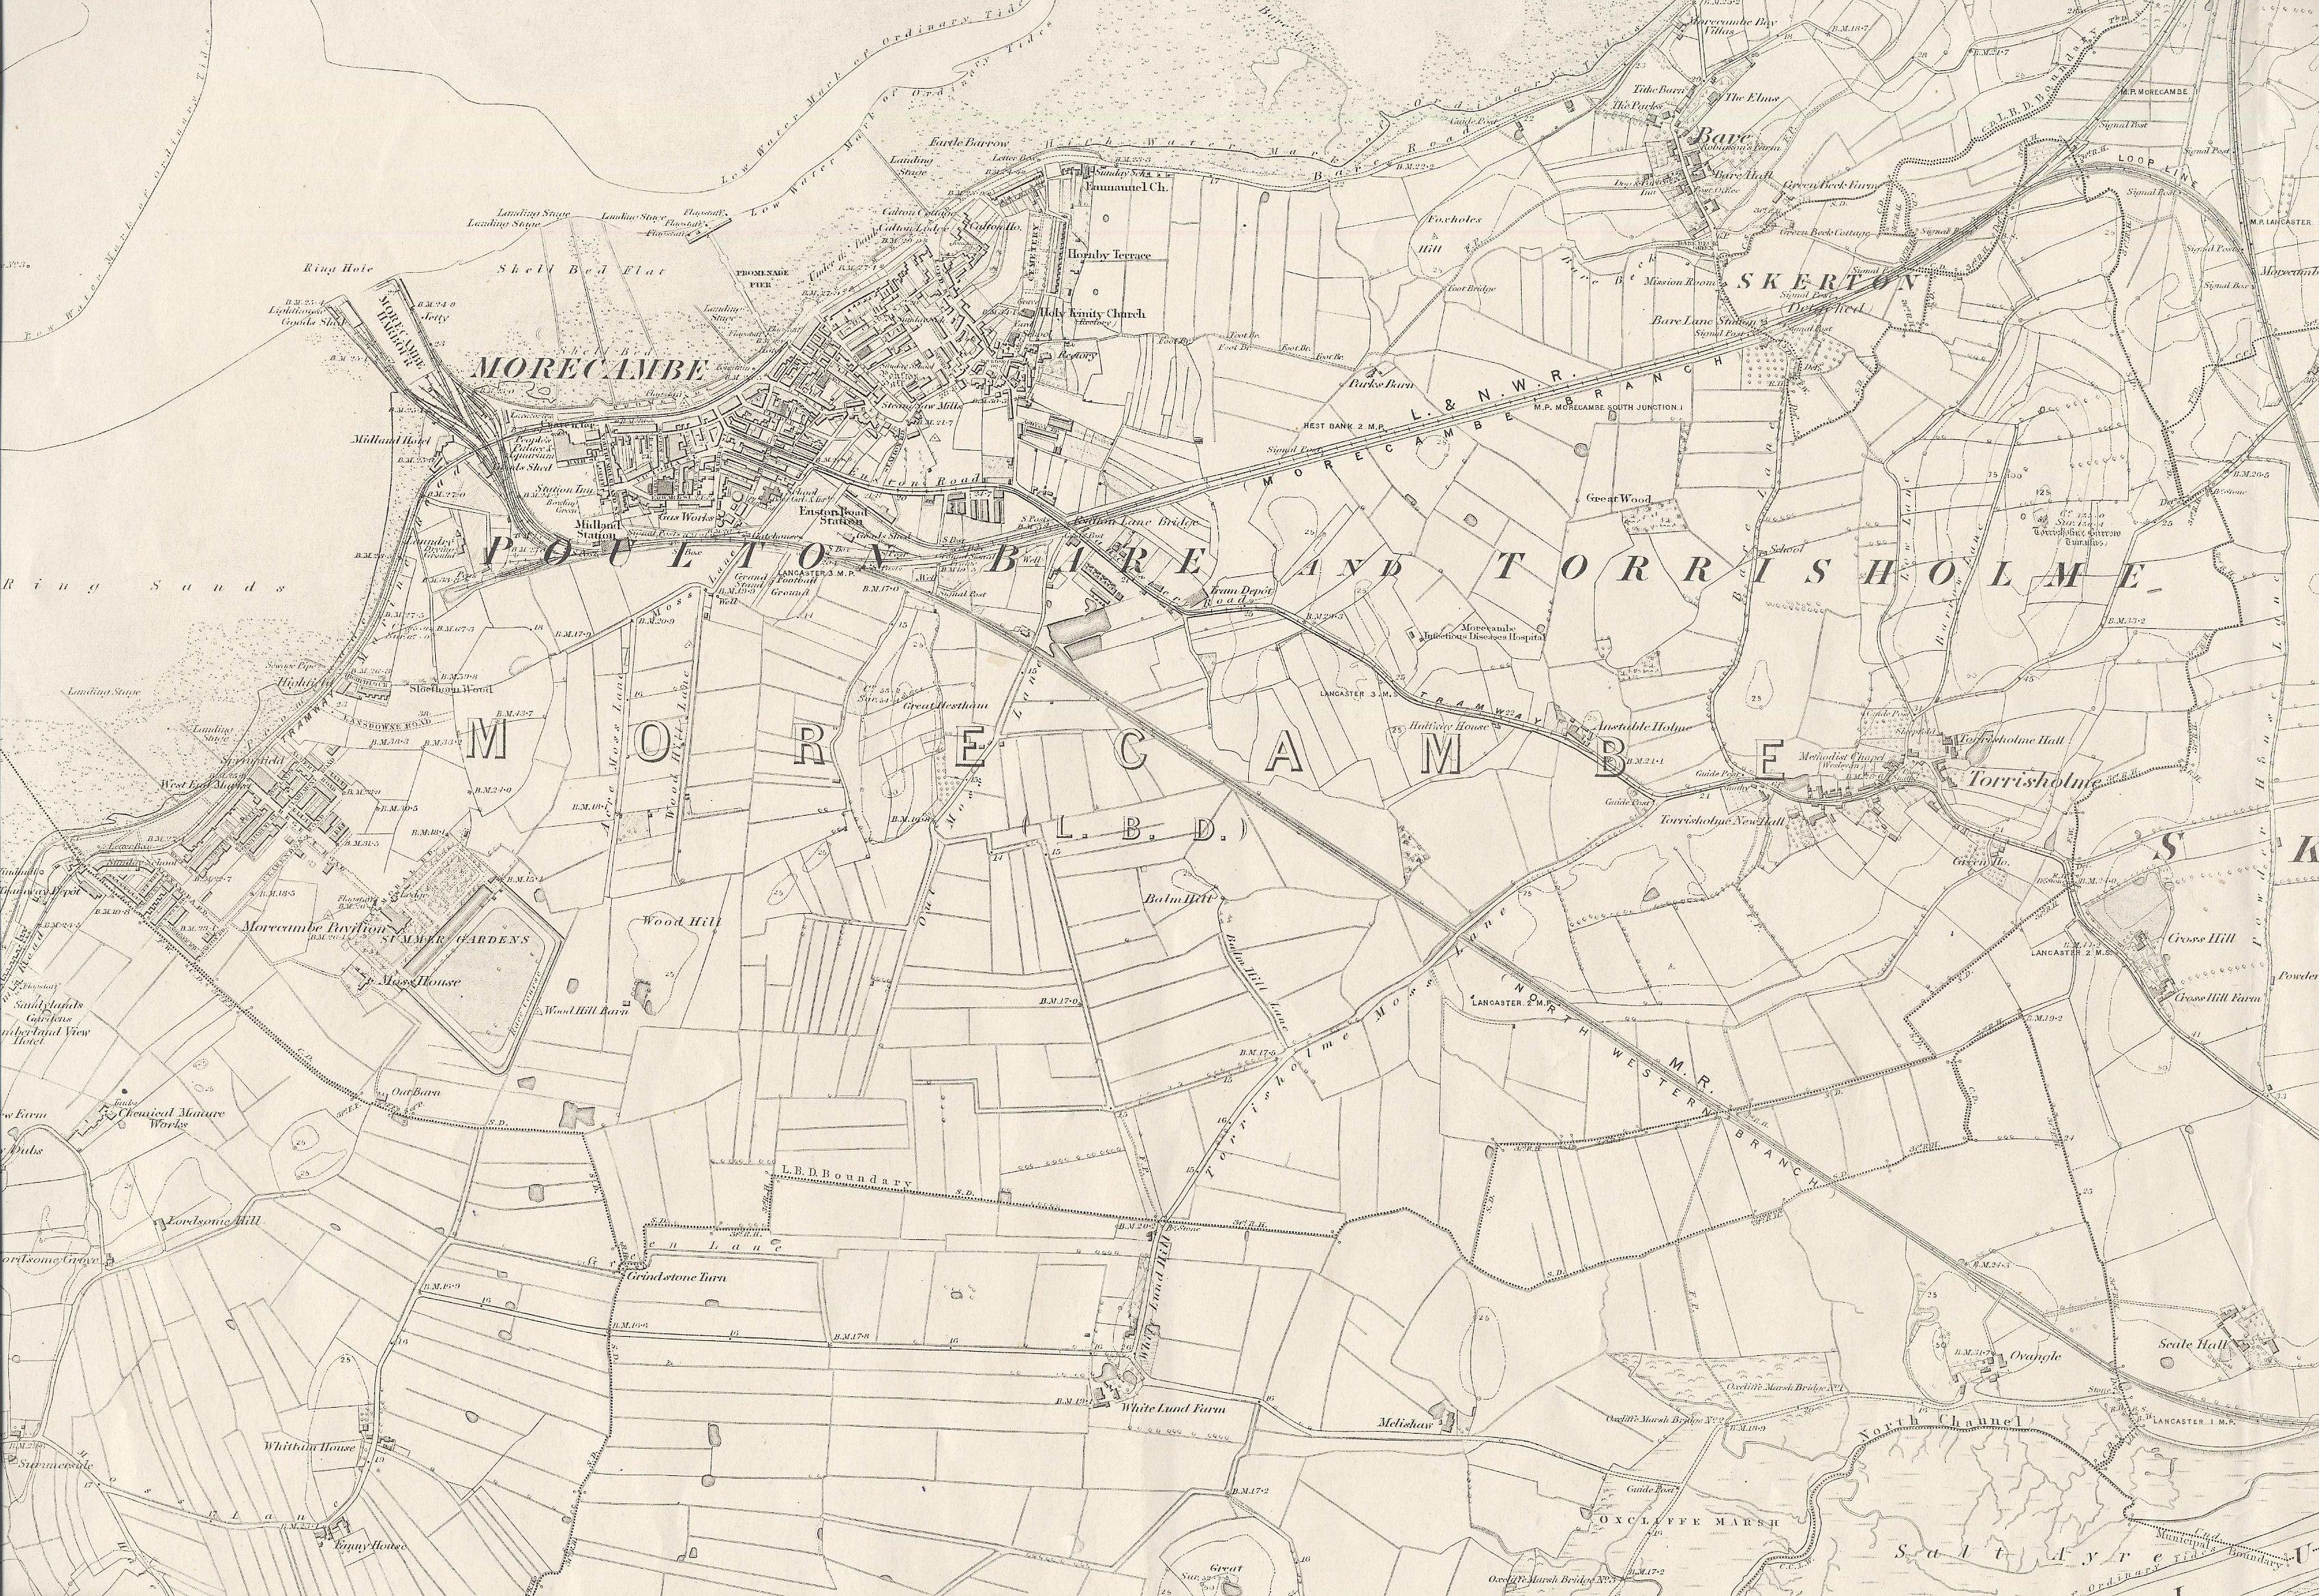 O.S. Morecambe 1891